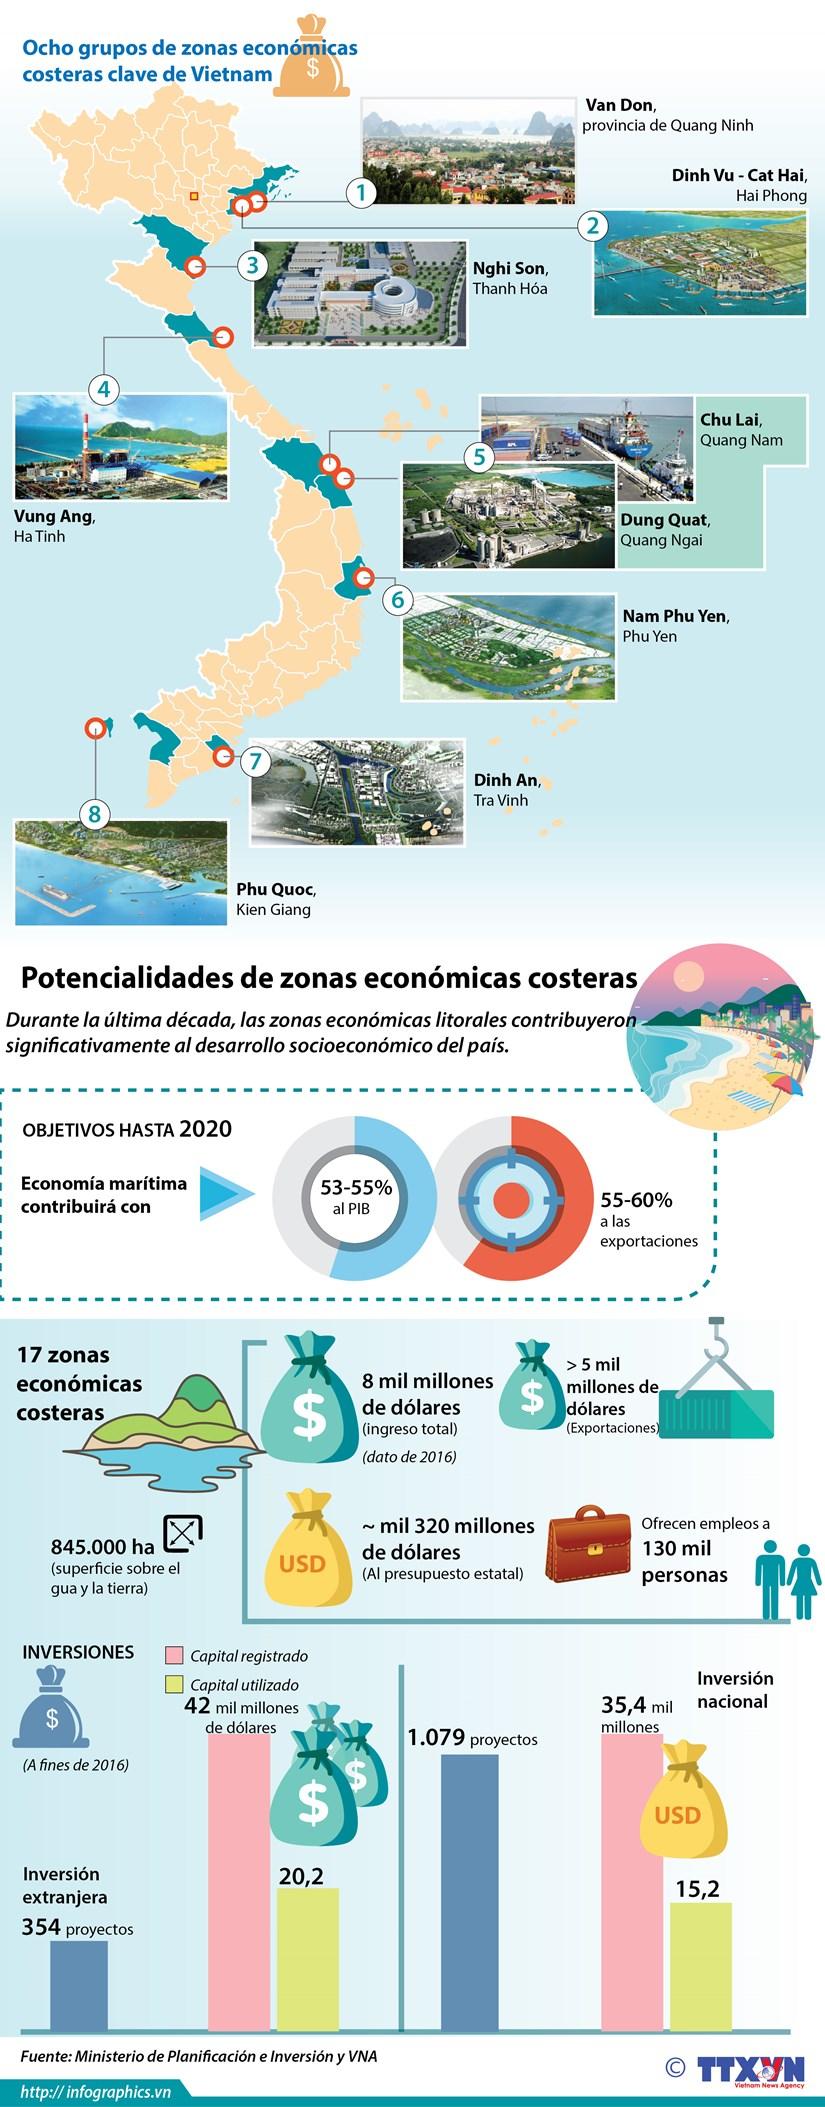 [Infografia] Las zonas economicas costeras clave de Vietnam hinh anh 1